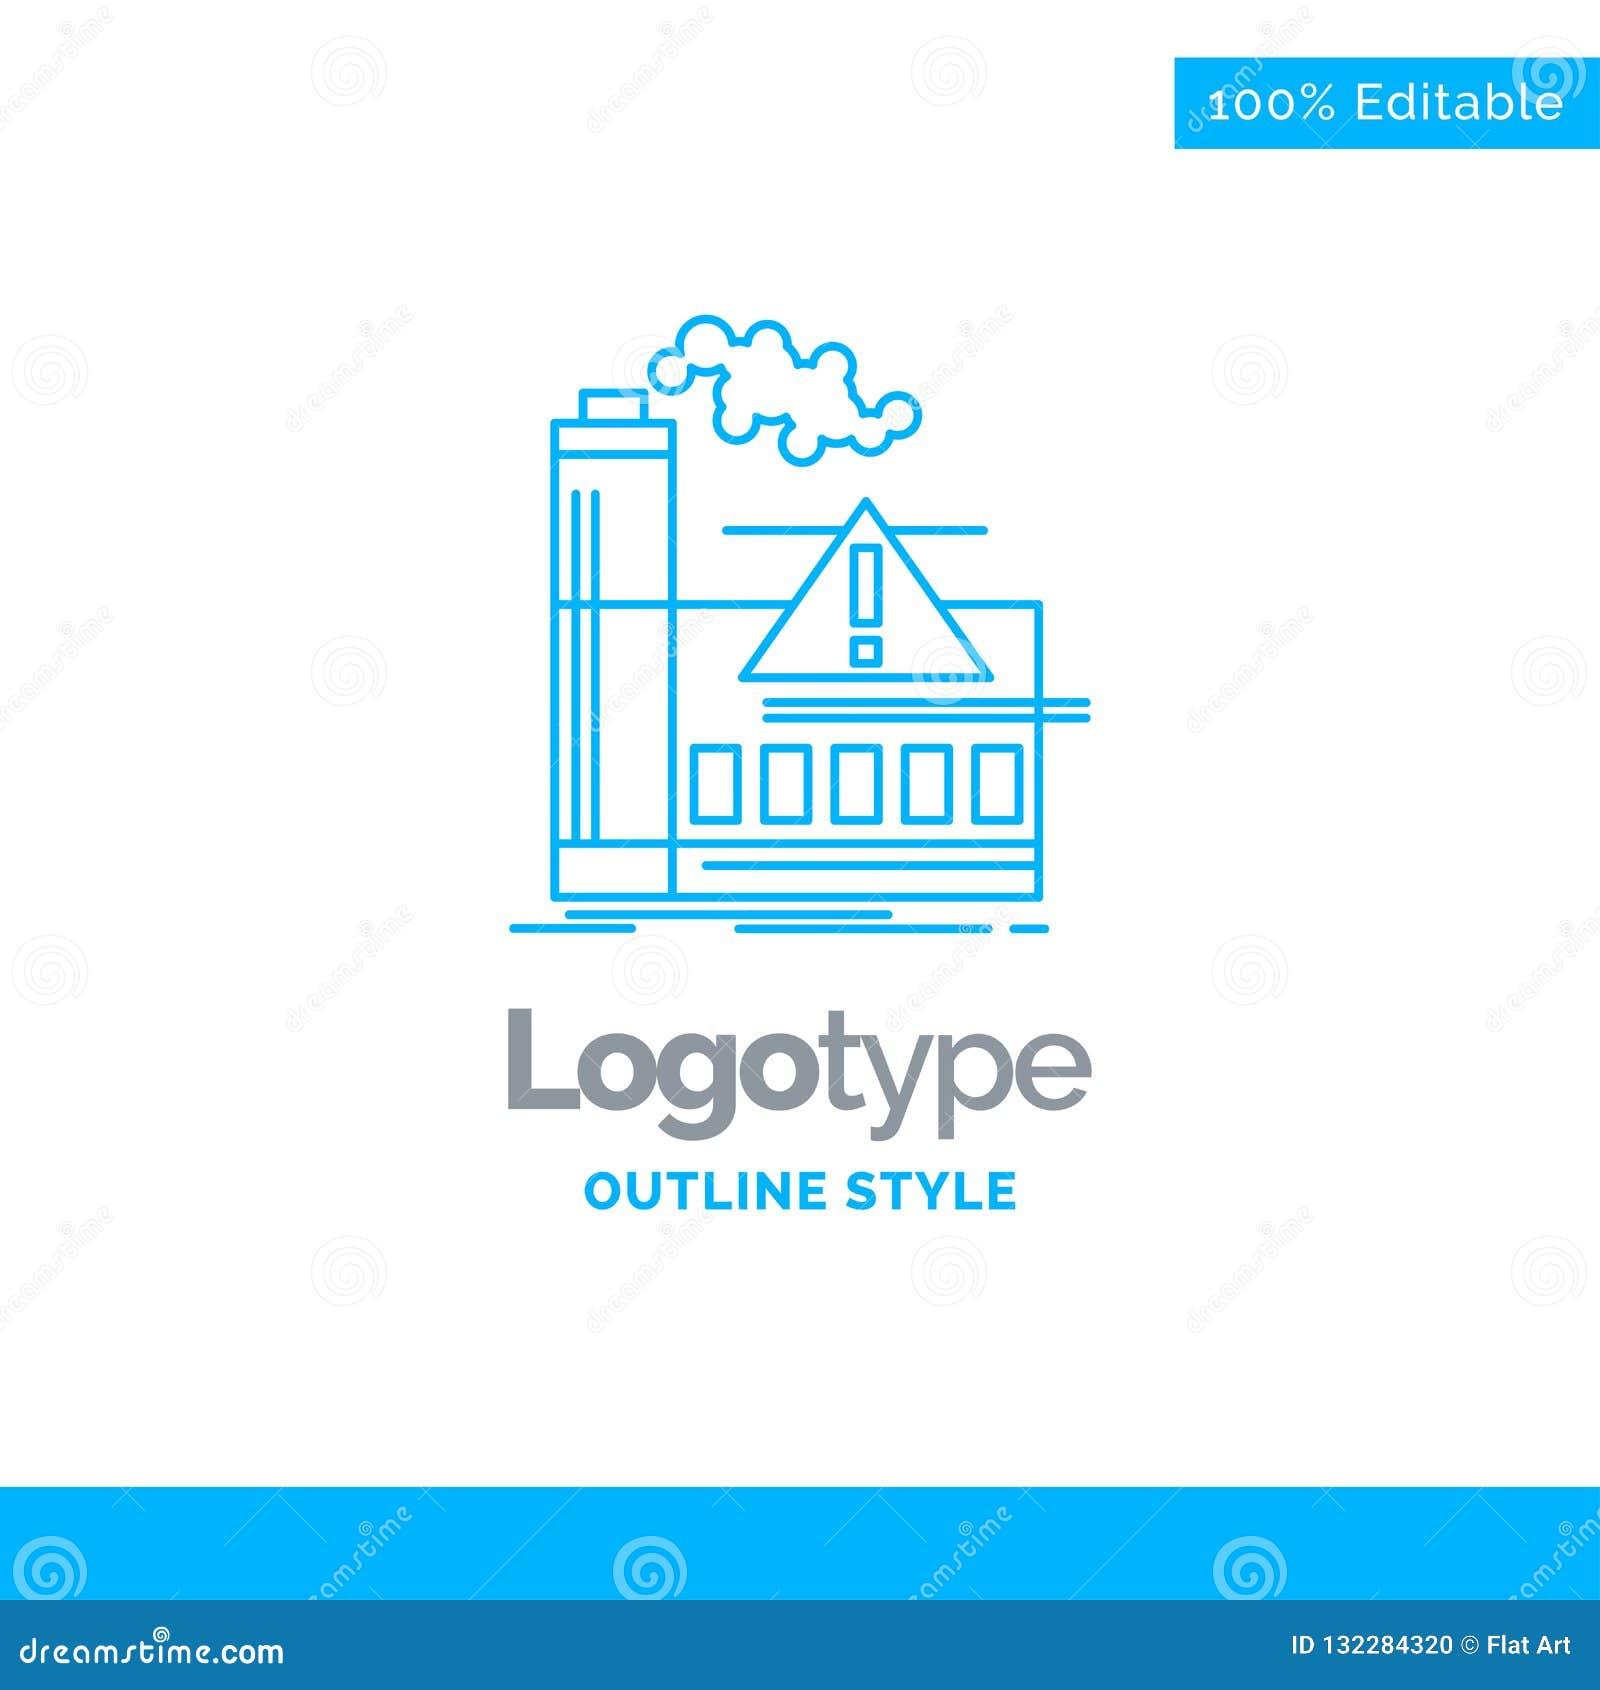 Голубой дизайн логотипа для загрязнения, фабрики, воздуха, сигнала тревоги, индустрии B